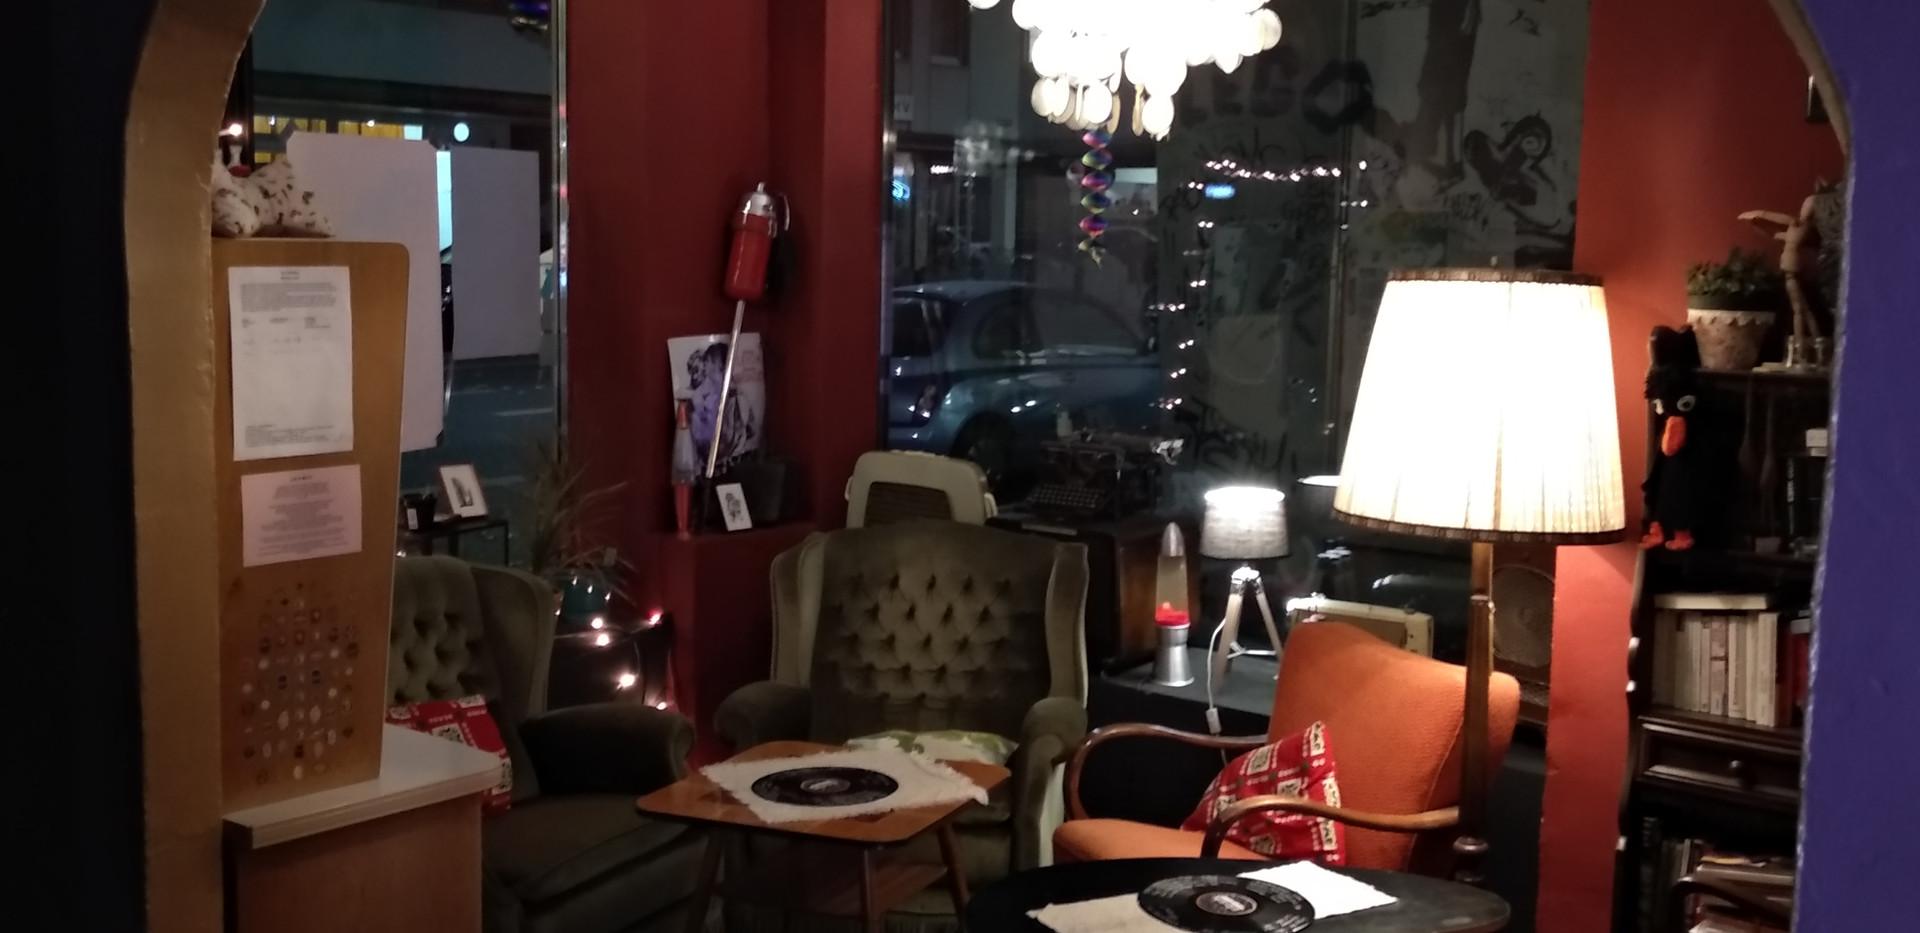 Torbogen und kleine Sitzecke